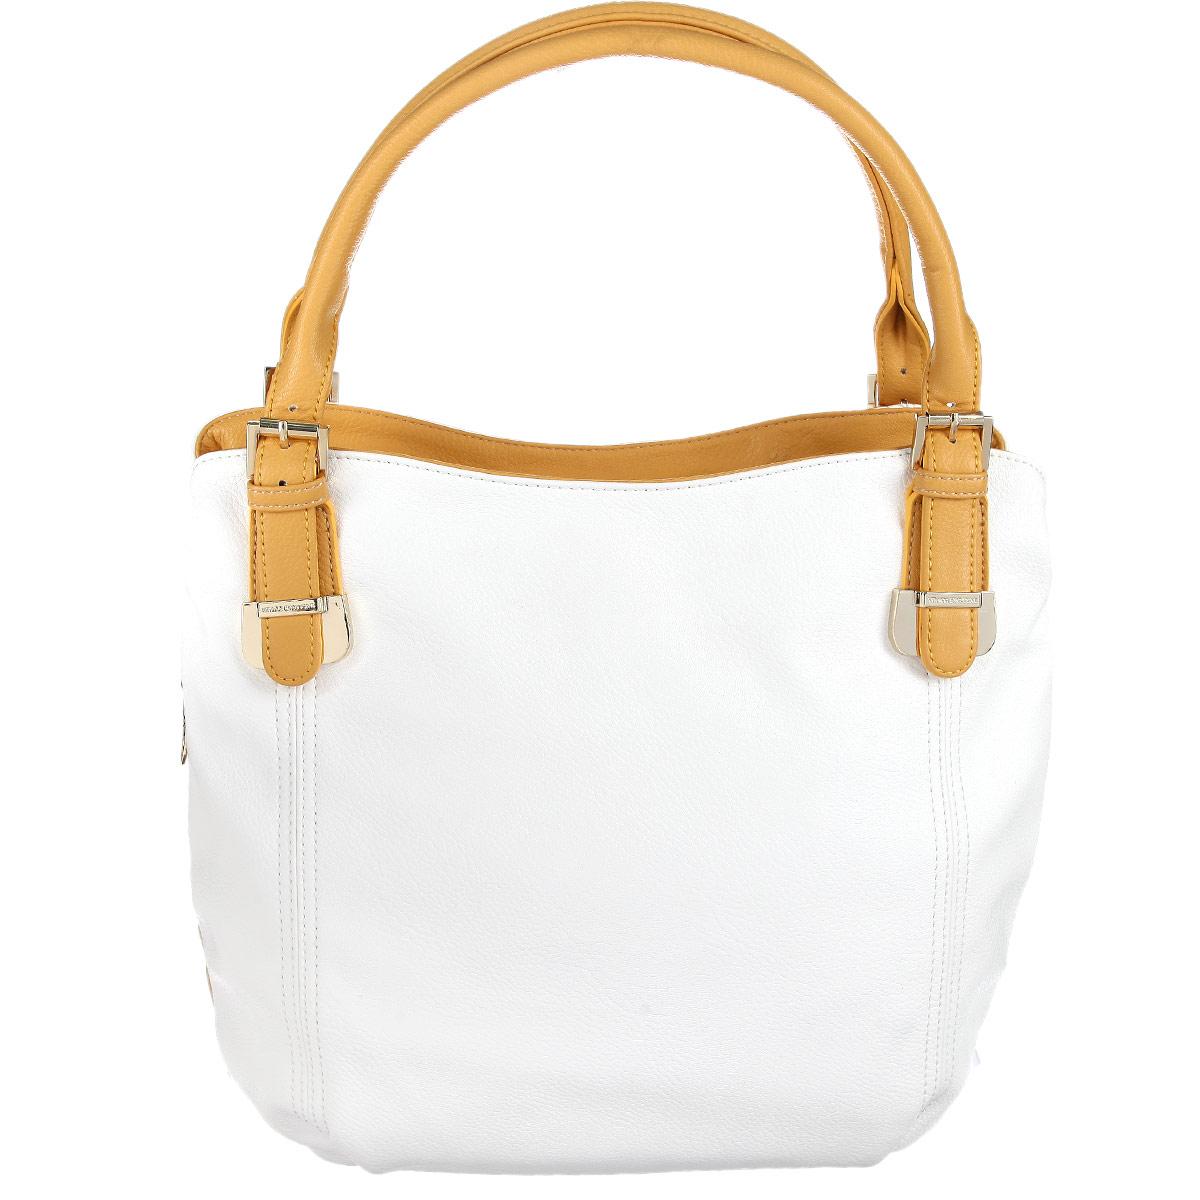 Сумка женская Vitacci, цвет: белый, желтый. VE03743-47670-00504Изысканная женская сумка Vitacci выполнена из высококачественной экокожи. Сумка закрывается на пластиковую застежку-молнию. Внутри - большое отделение с большим карманом на застежке-молнии, небольшой втачной кармашек на застежке-молнии и два накладных кармашка для телефона, мелочей. На задней стенке - втачной карман на застежке-молнии. Роскошная сумка внесет элегантные нотки в ваш образ и подчеркнет ваше отменное чувство стиля.